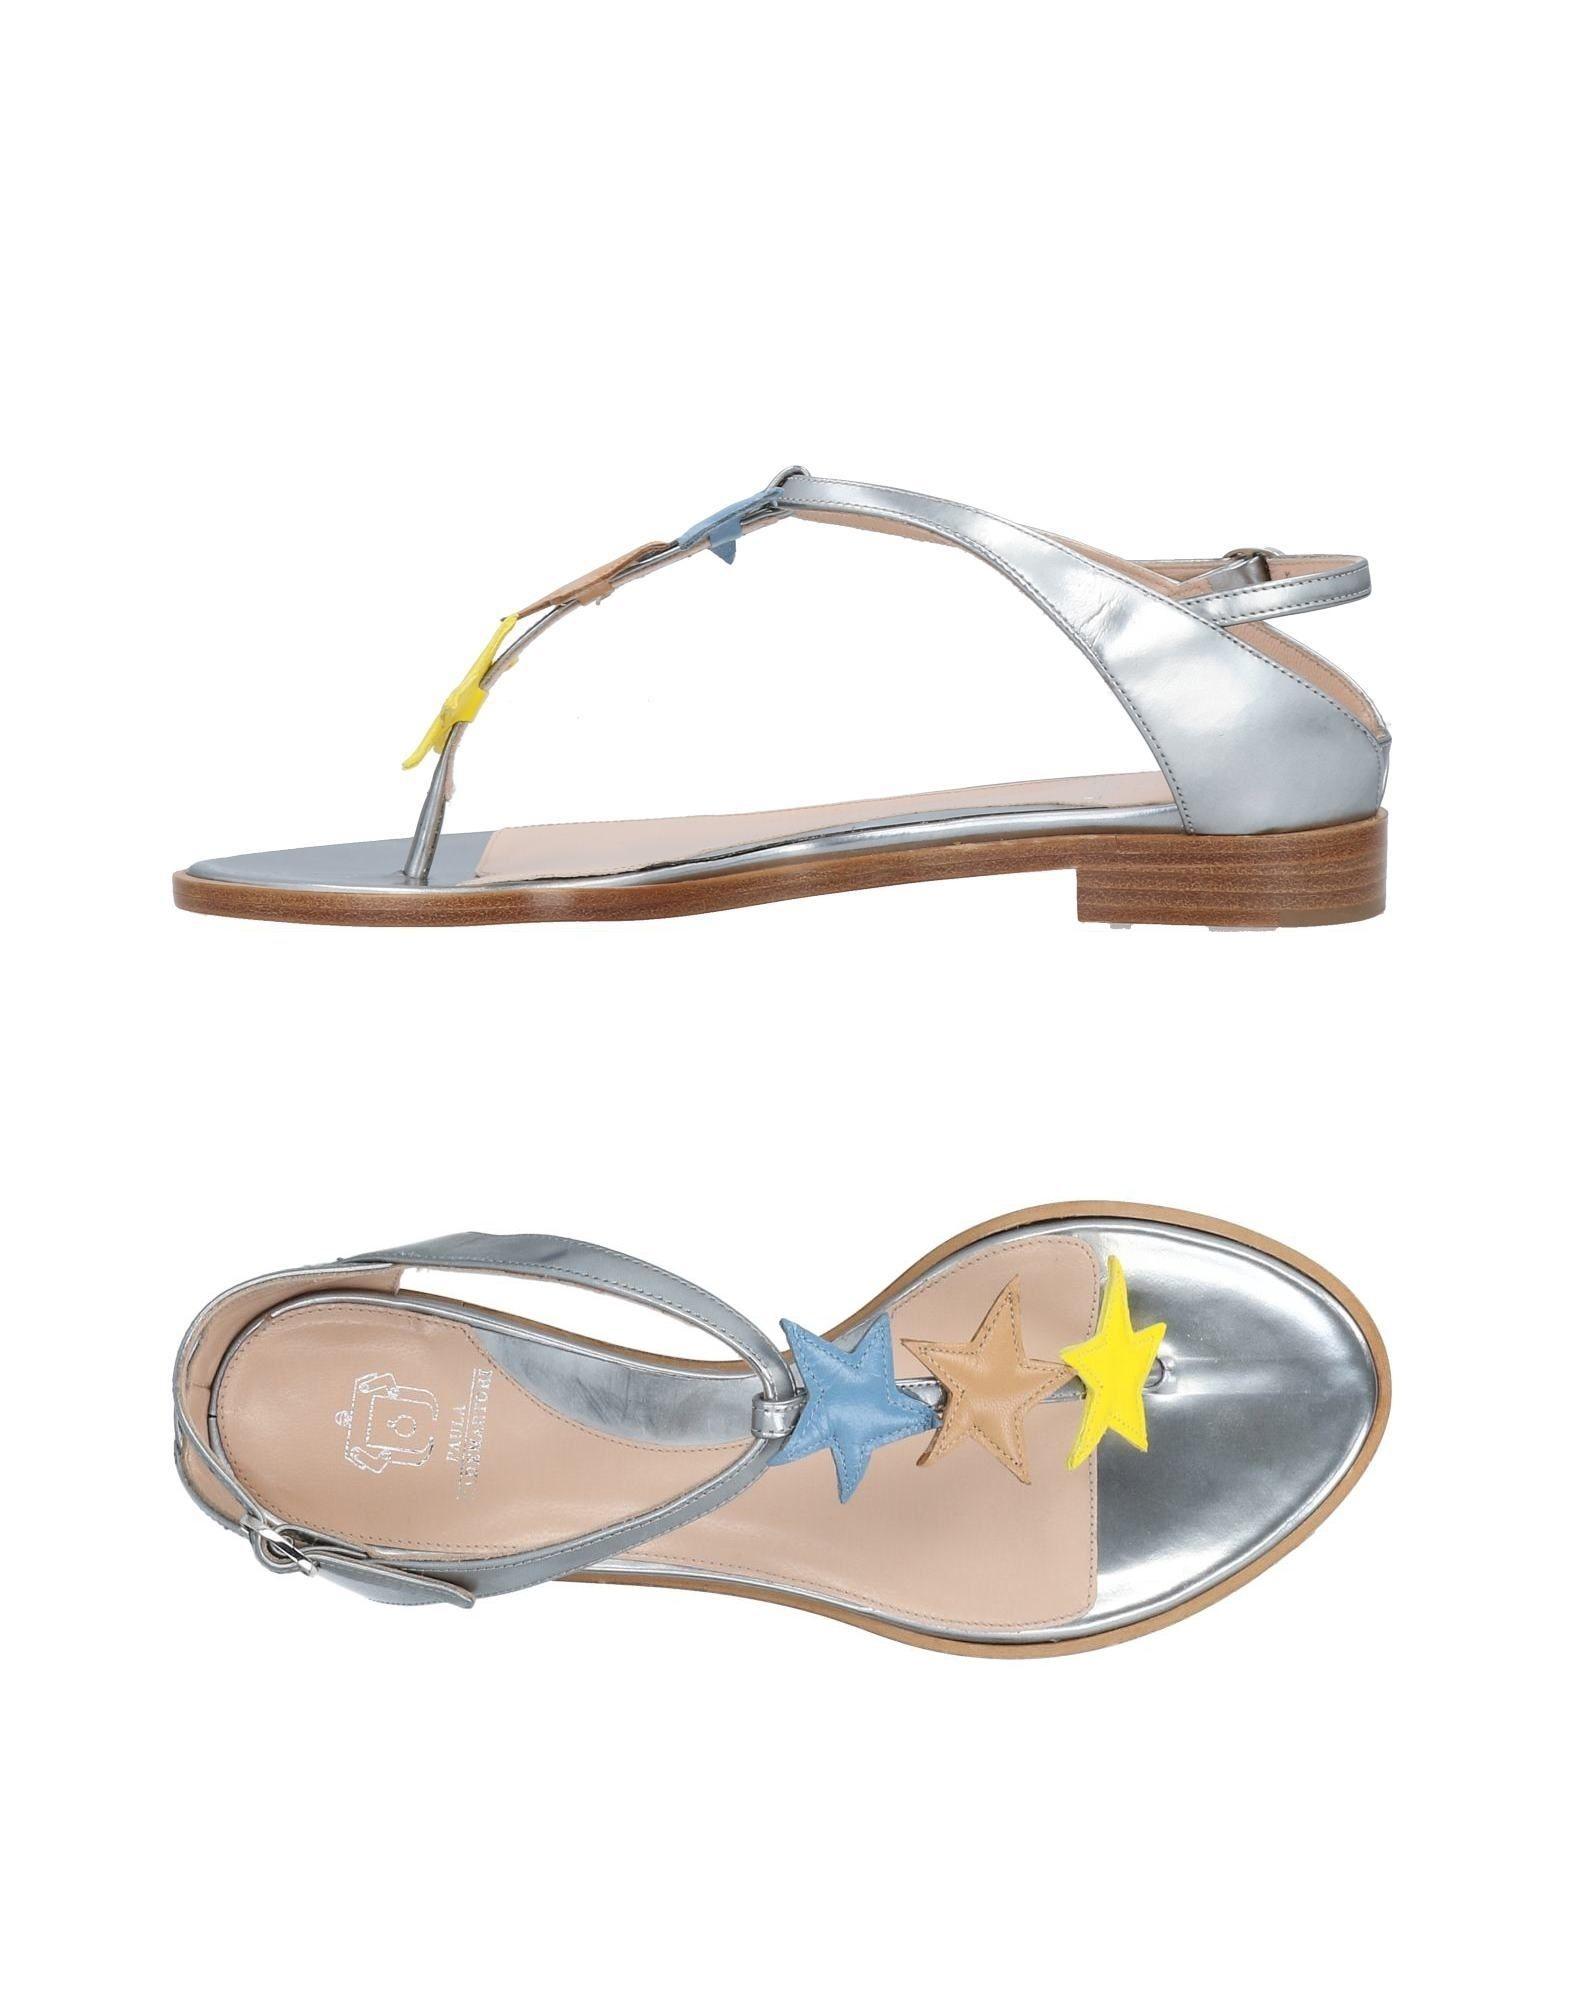 Rabatt Schuhe Paula Cademartori Dianetten Damen  11492353JM